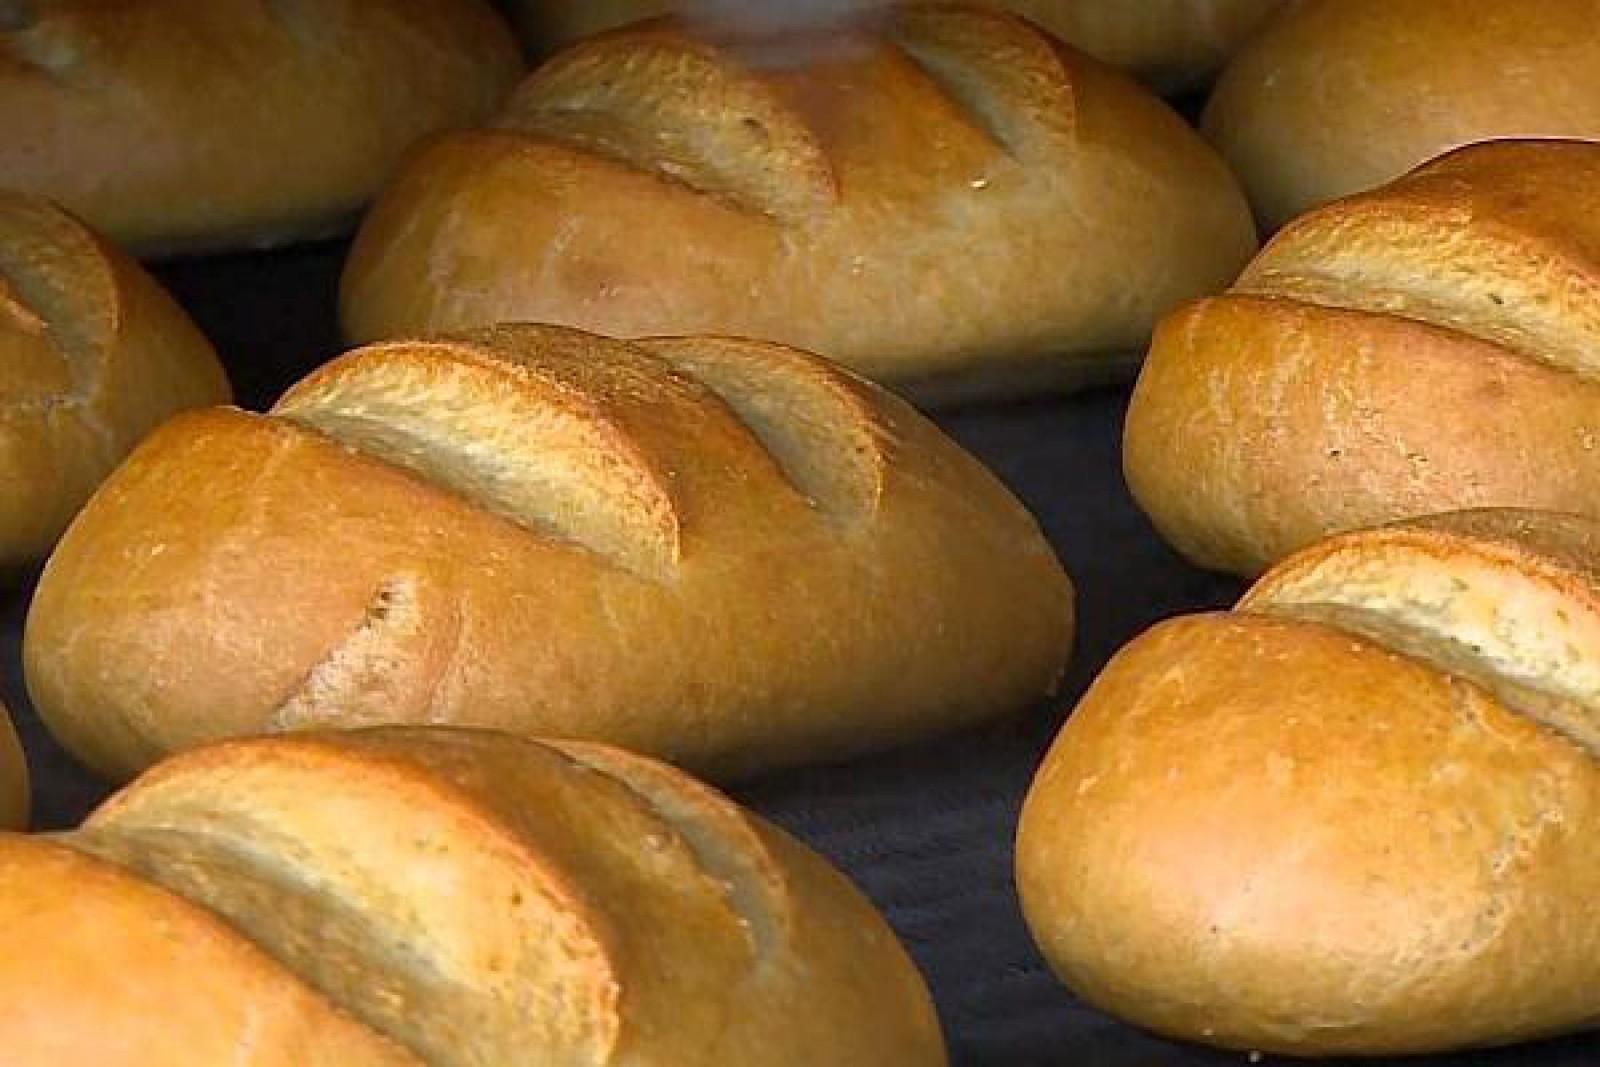 Mold-street: Cel mai mare producător de pâine din Republica Moldova are interdicție de a participa la licitațiile de achiziții publice